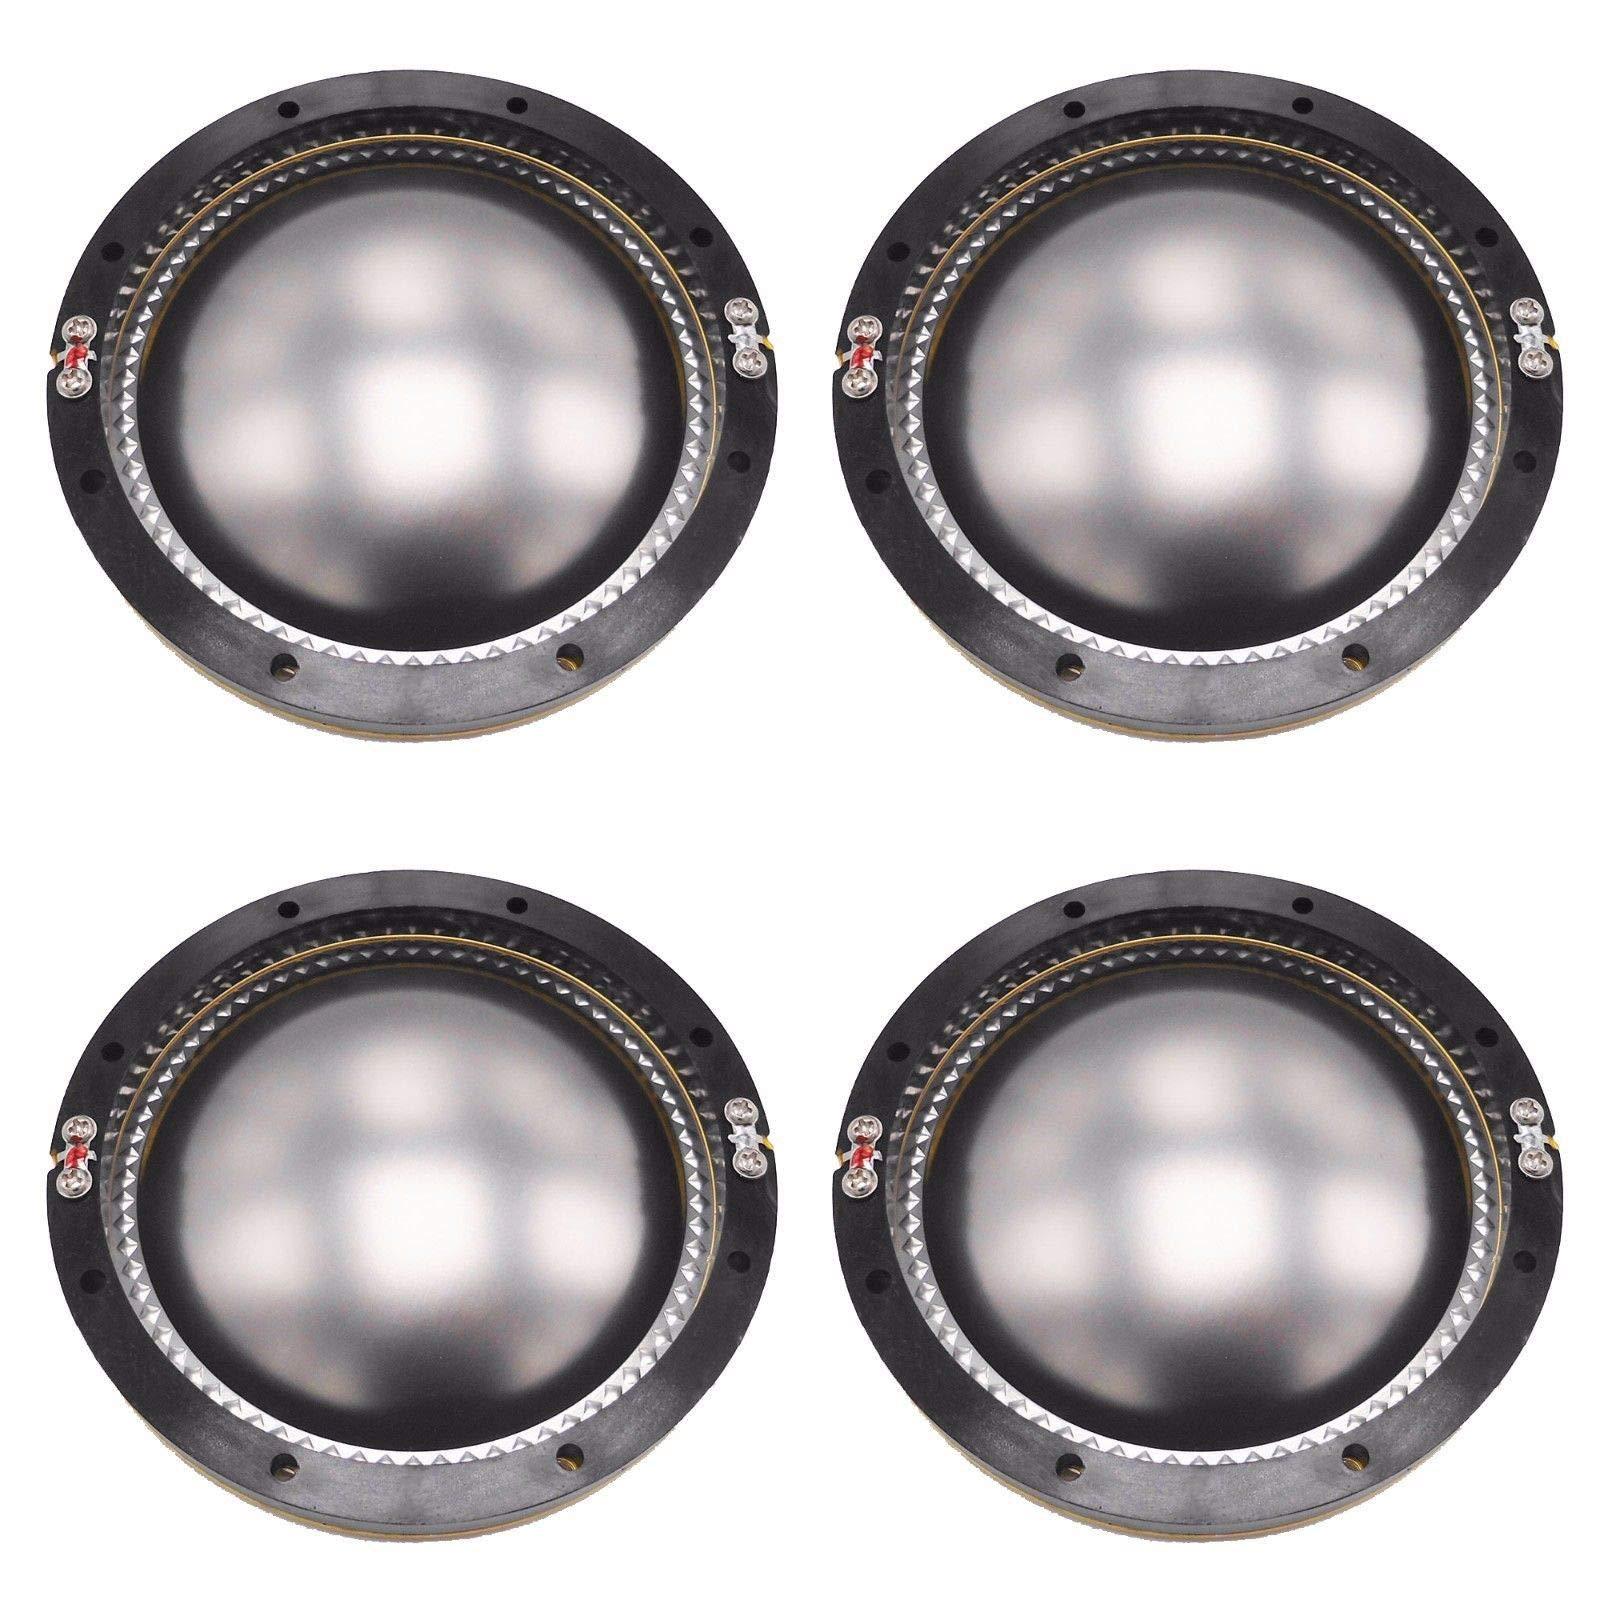 FidgetFidget Replacement Diaphragm For 8 Ohm 4PCS by FidgetFidget